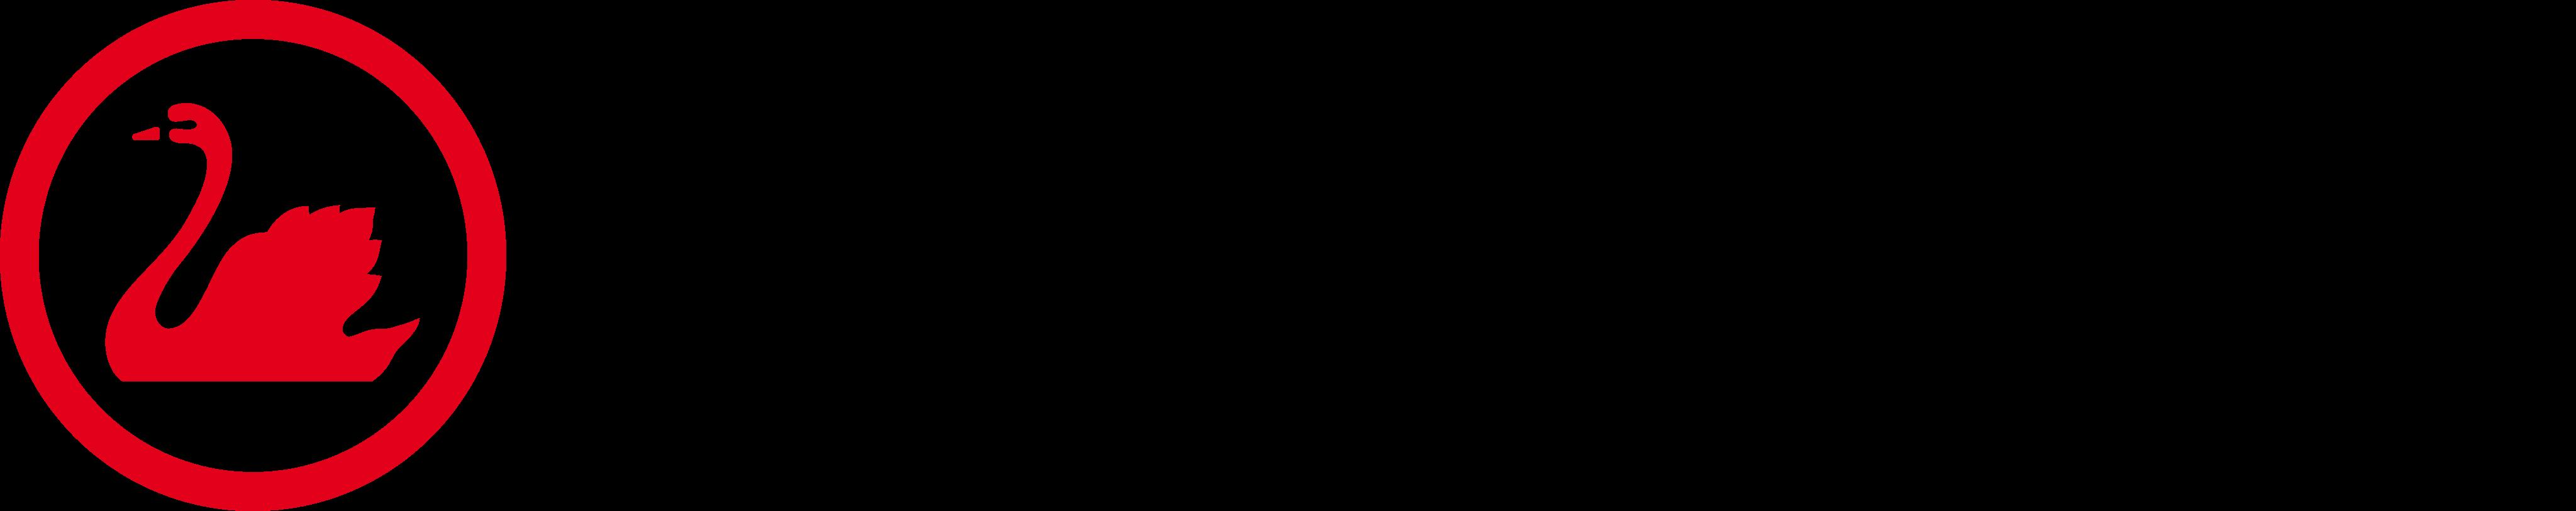 Stabilo Logo.